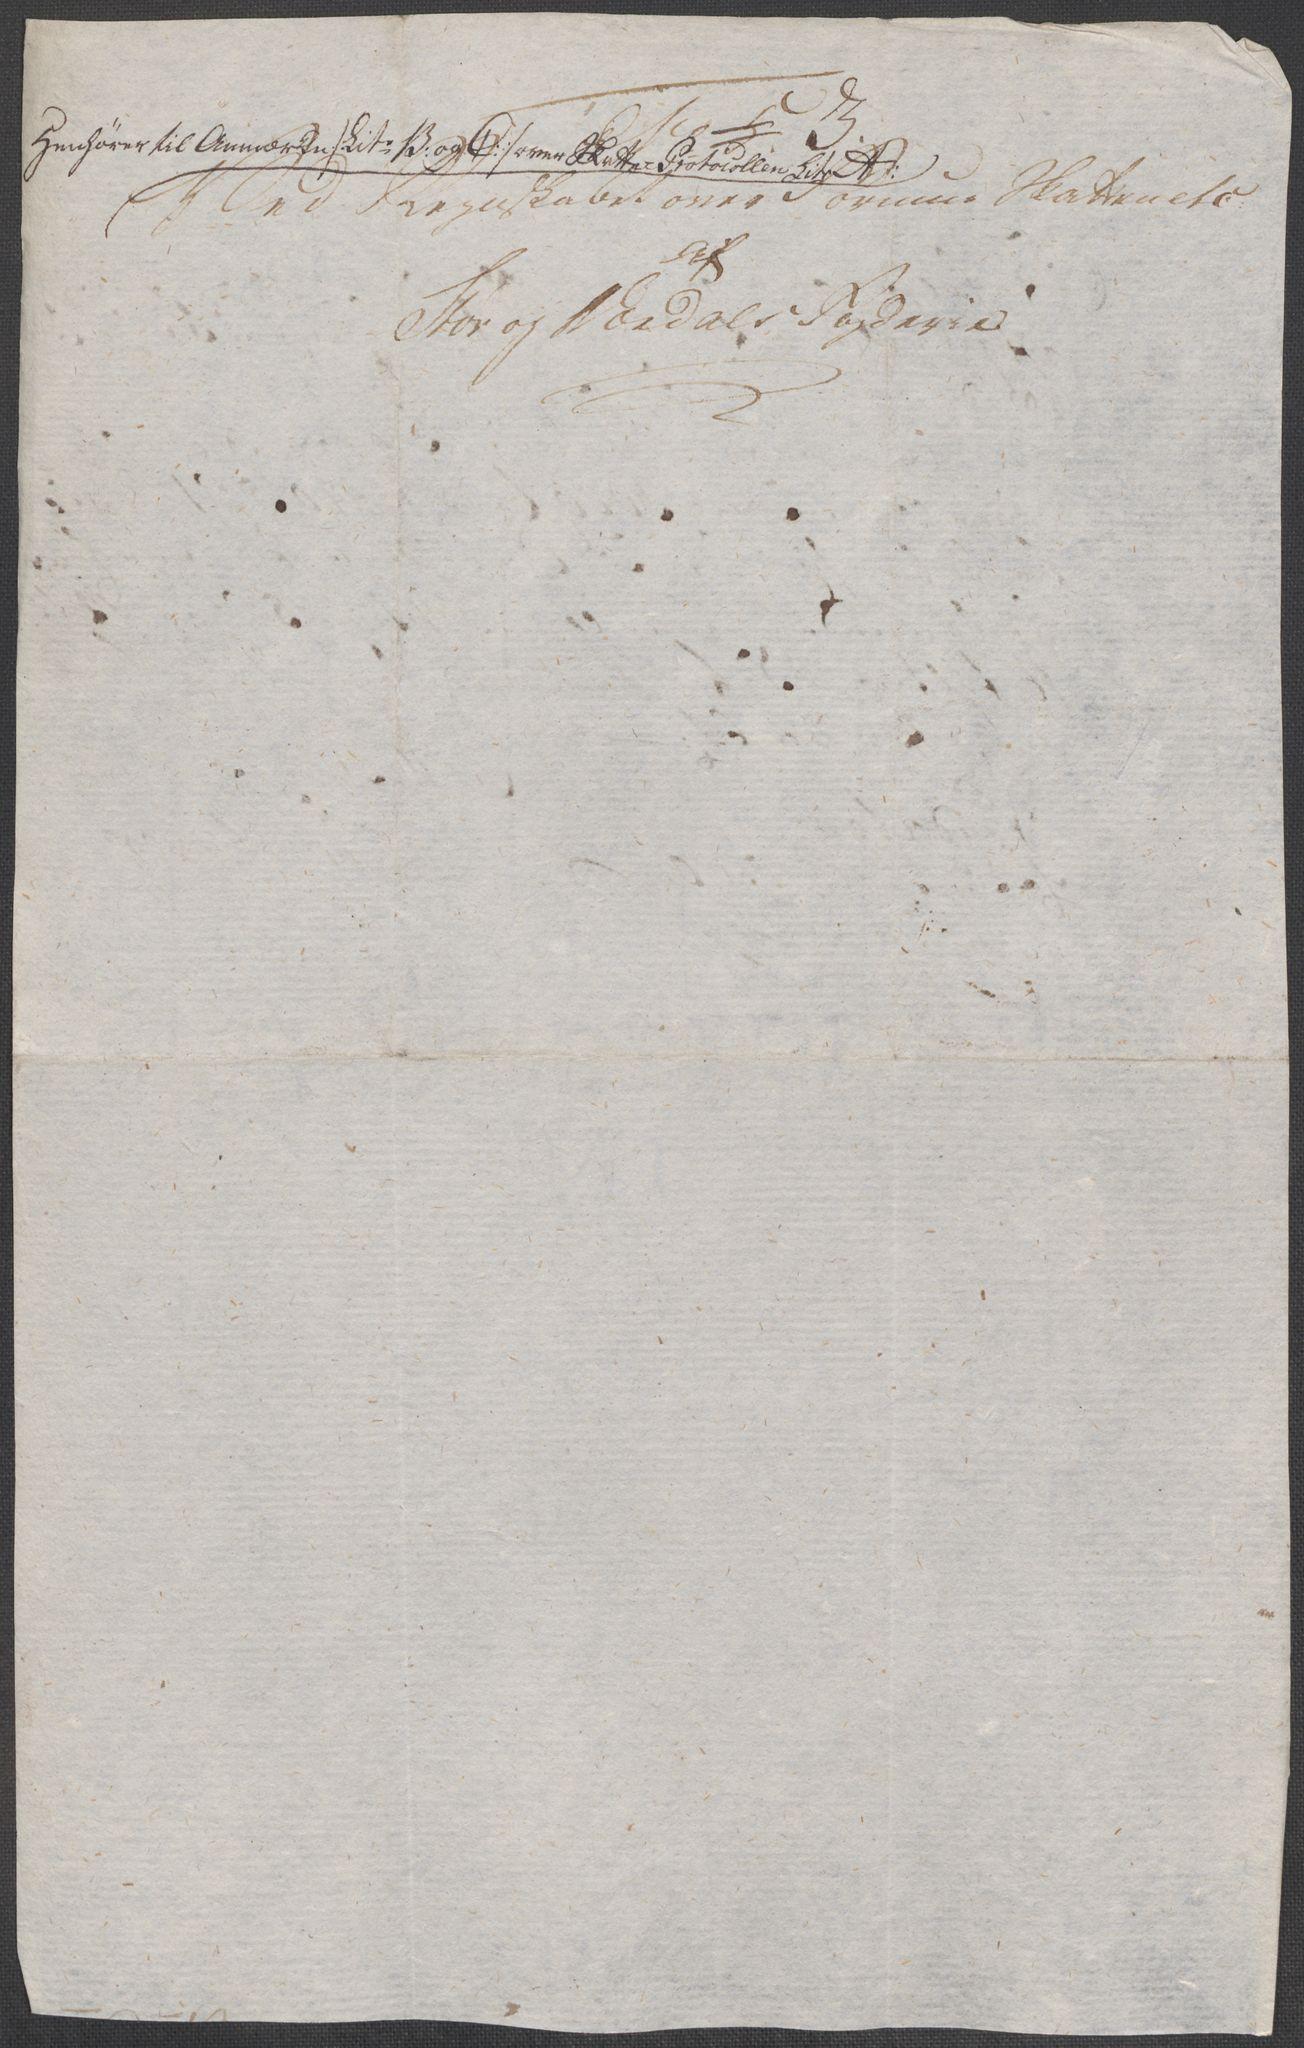 RA, Rentekammeret inntil 1814, Reviderte regnskaper, Mindre regnskaper, Rf/Rfe/L0045: Stavanger, Stjørdal og Verdal fogderi, 1789, s. 150